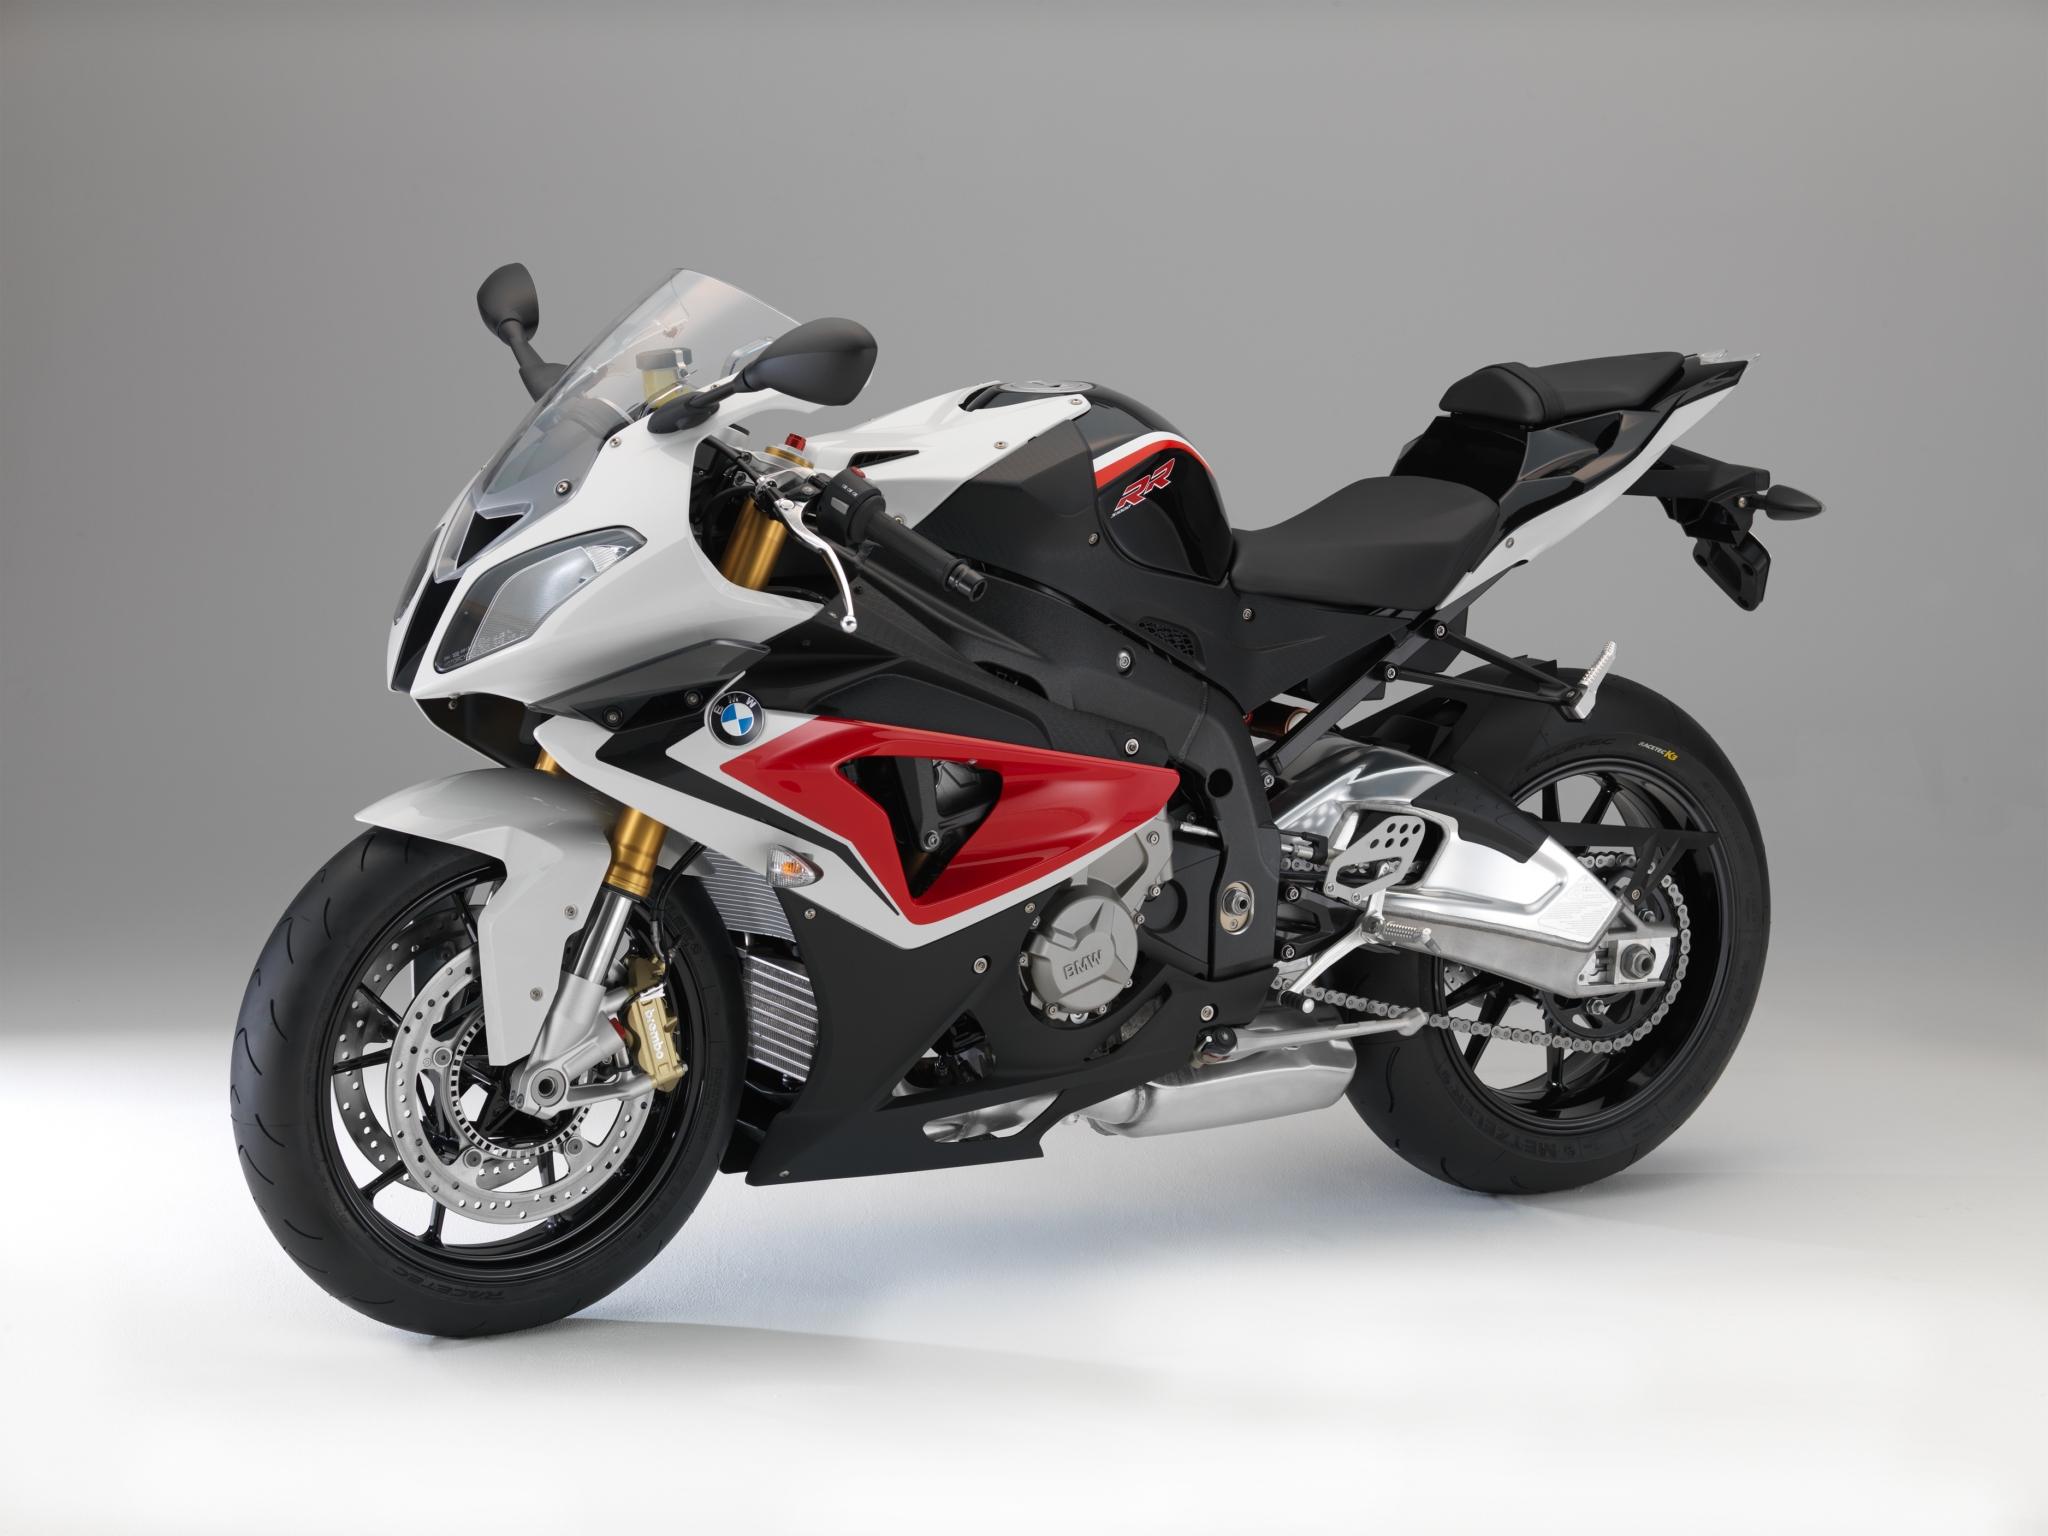 2014 bmw s1000rr changes colors autoevolution for Yamaha rr 1000